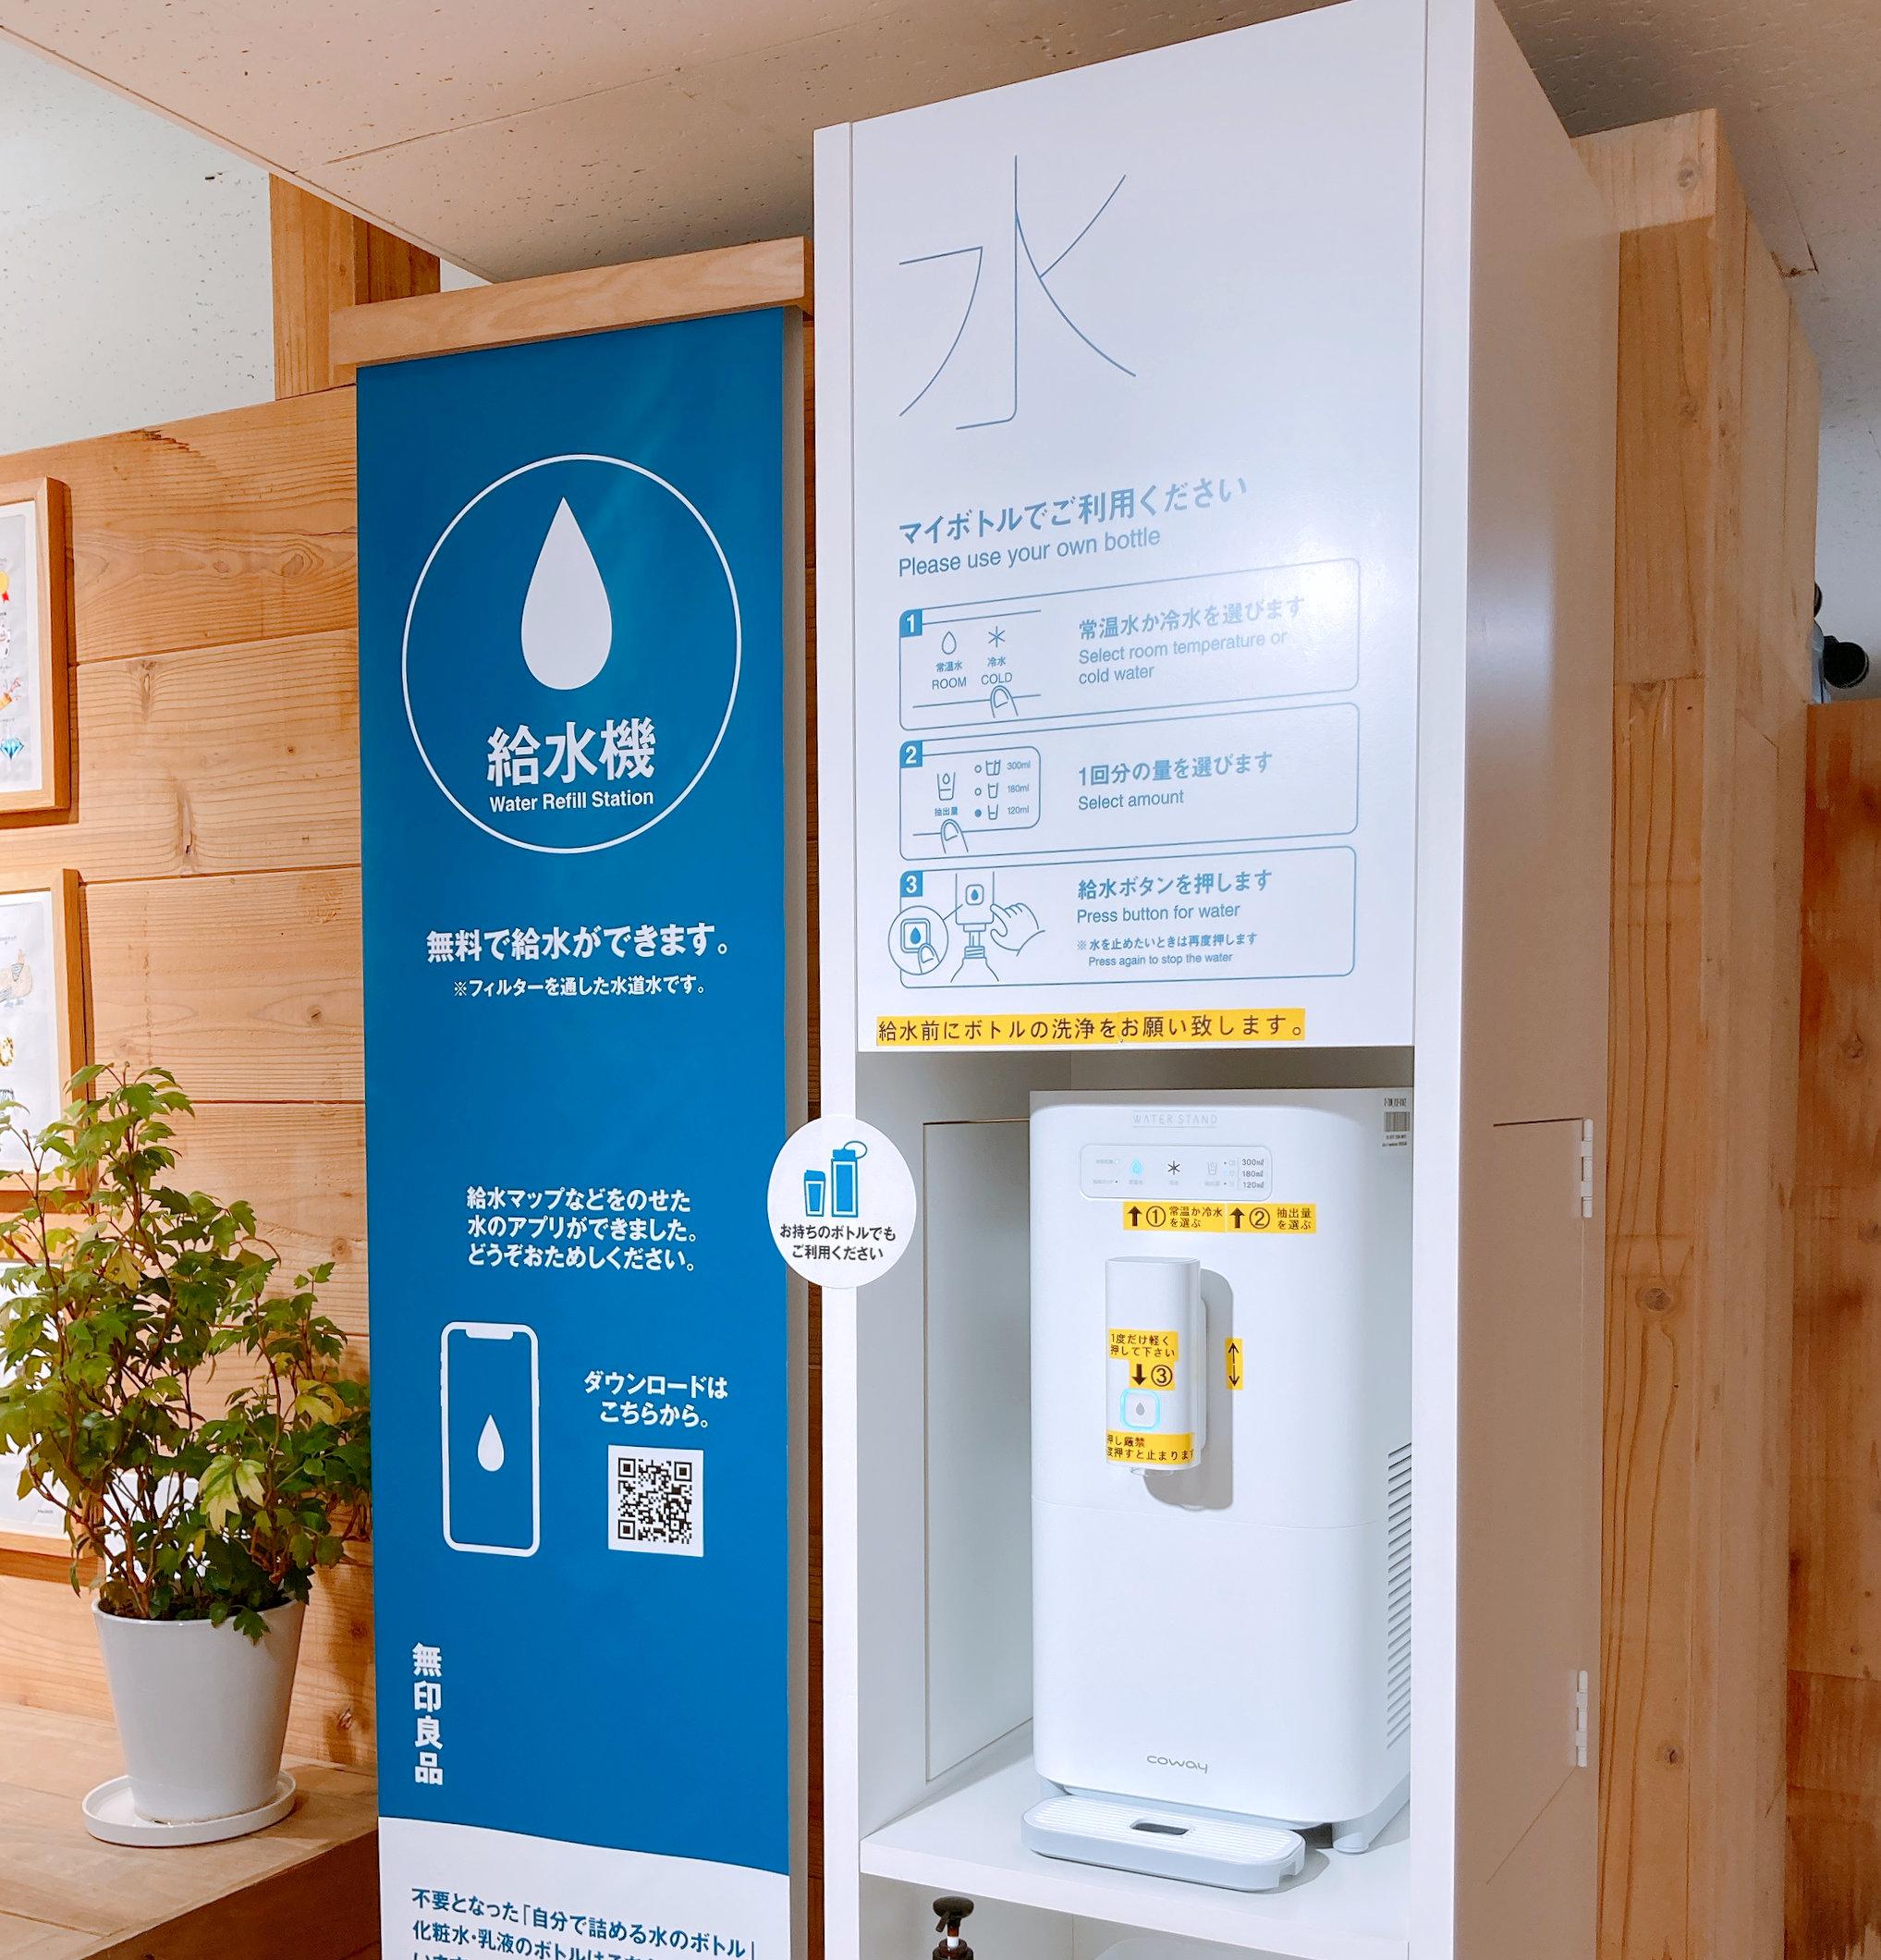 【水好き必見】無印良品で給水サービスが始まってた! 誰でも無料で給水できるぞ~!!